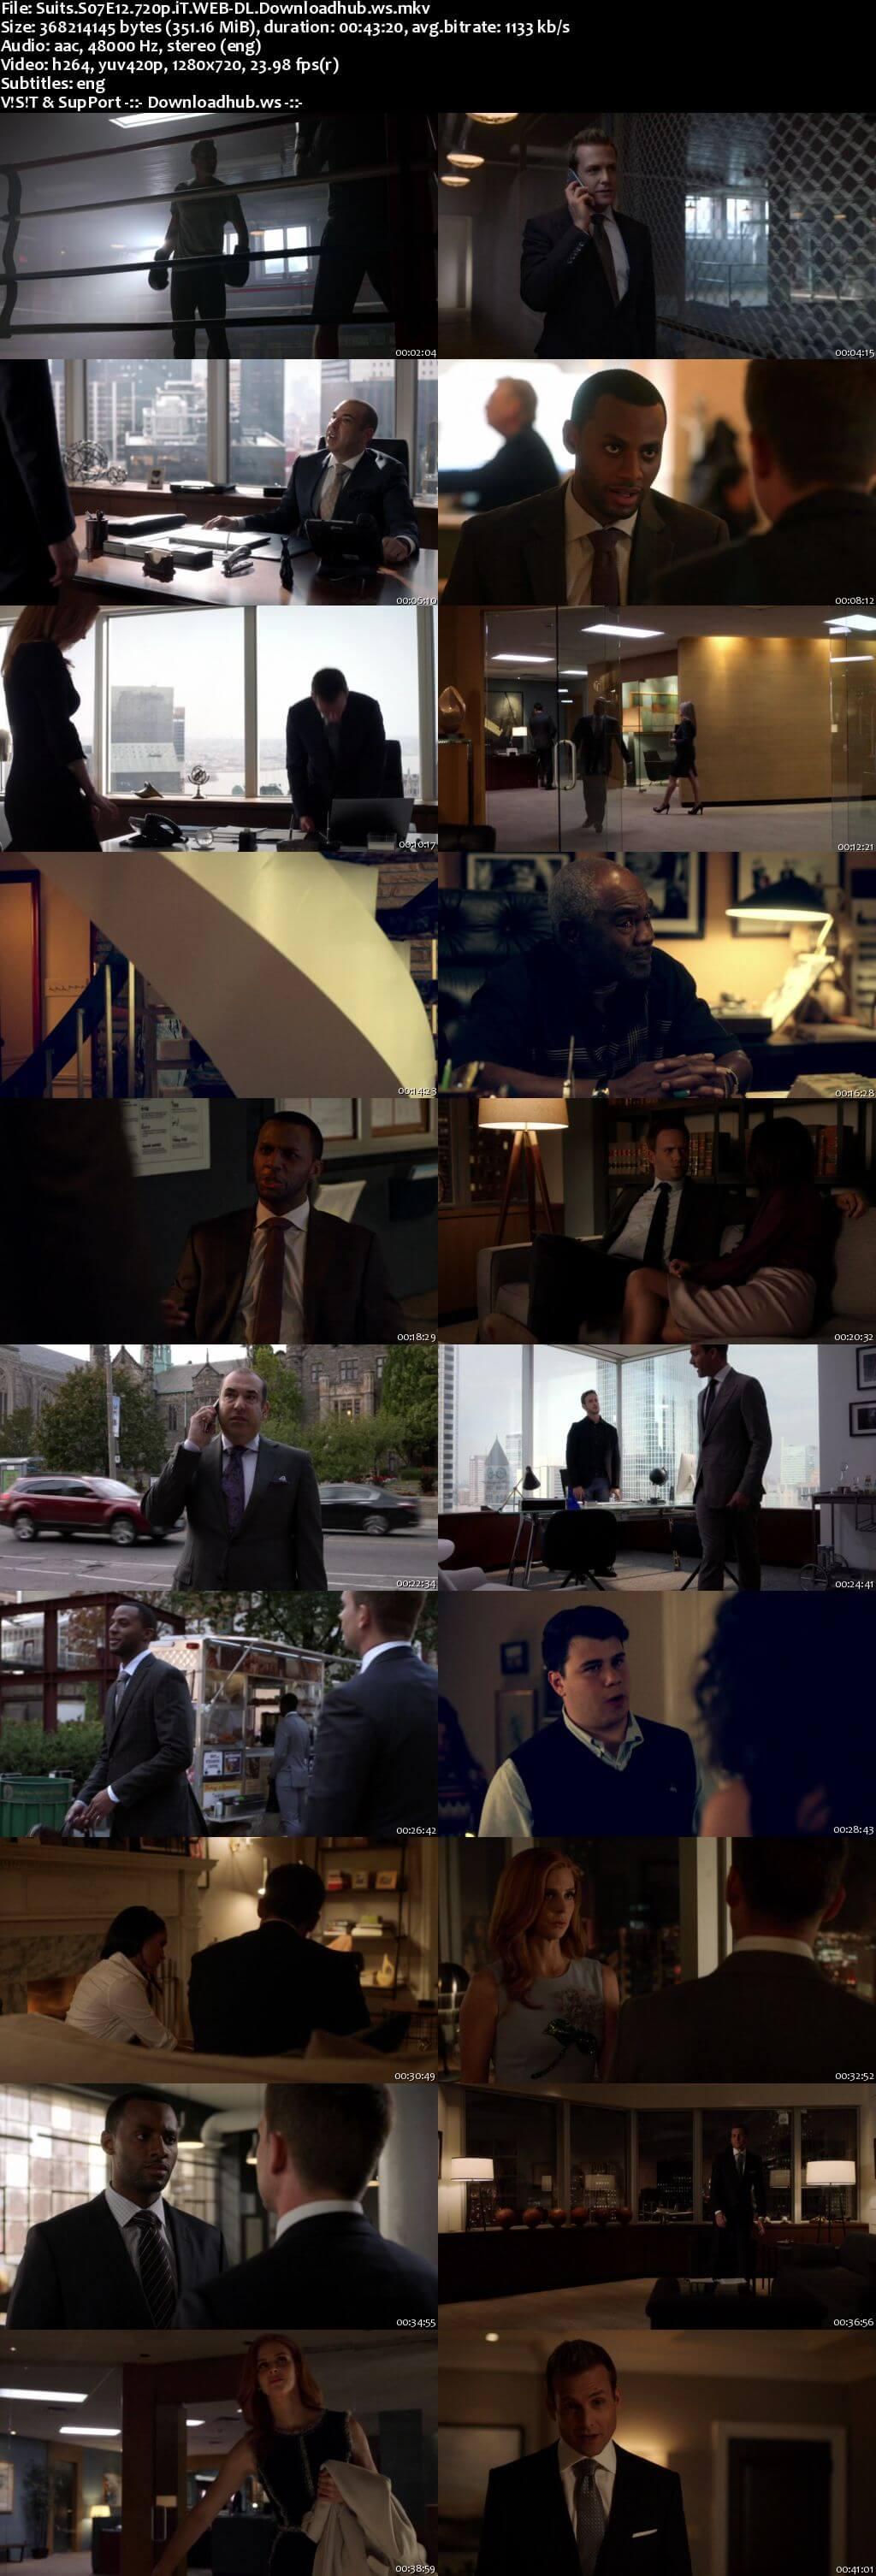 Suits S07E12 350MB Web-DL 720p ESubs